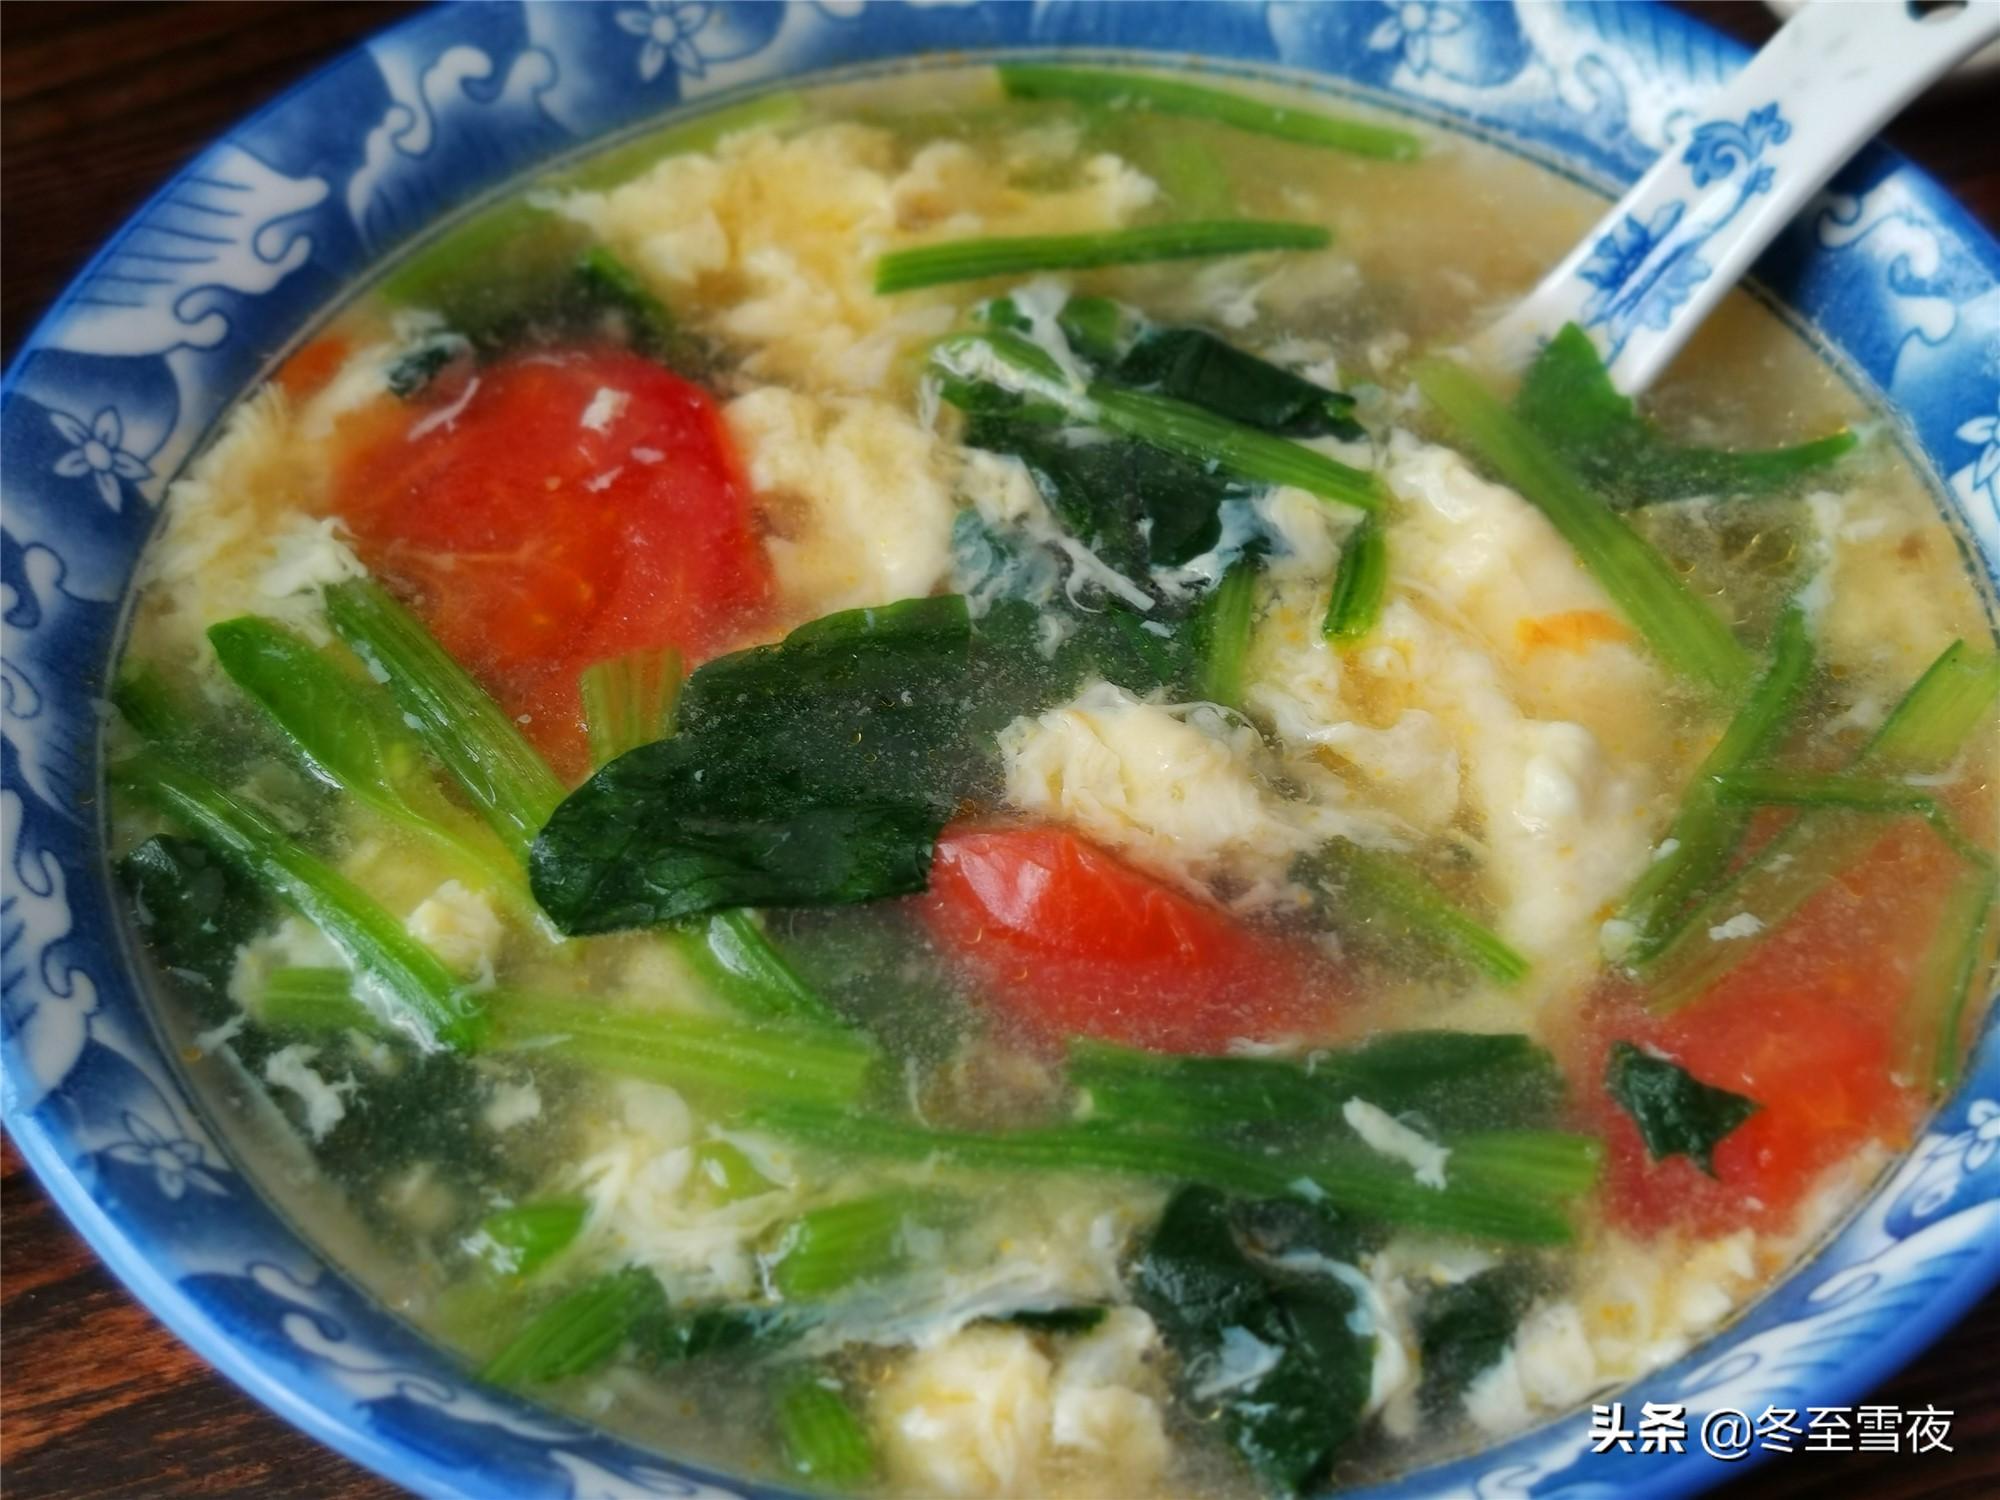 春菠菜做法,鲜嫩味美,祛春燥 美食做法 第6张